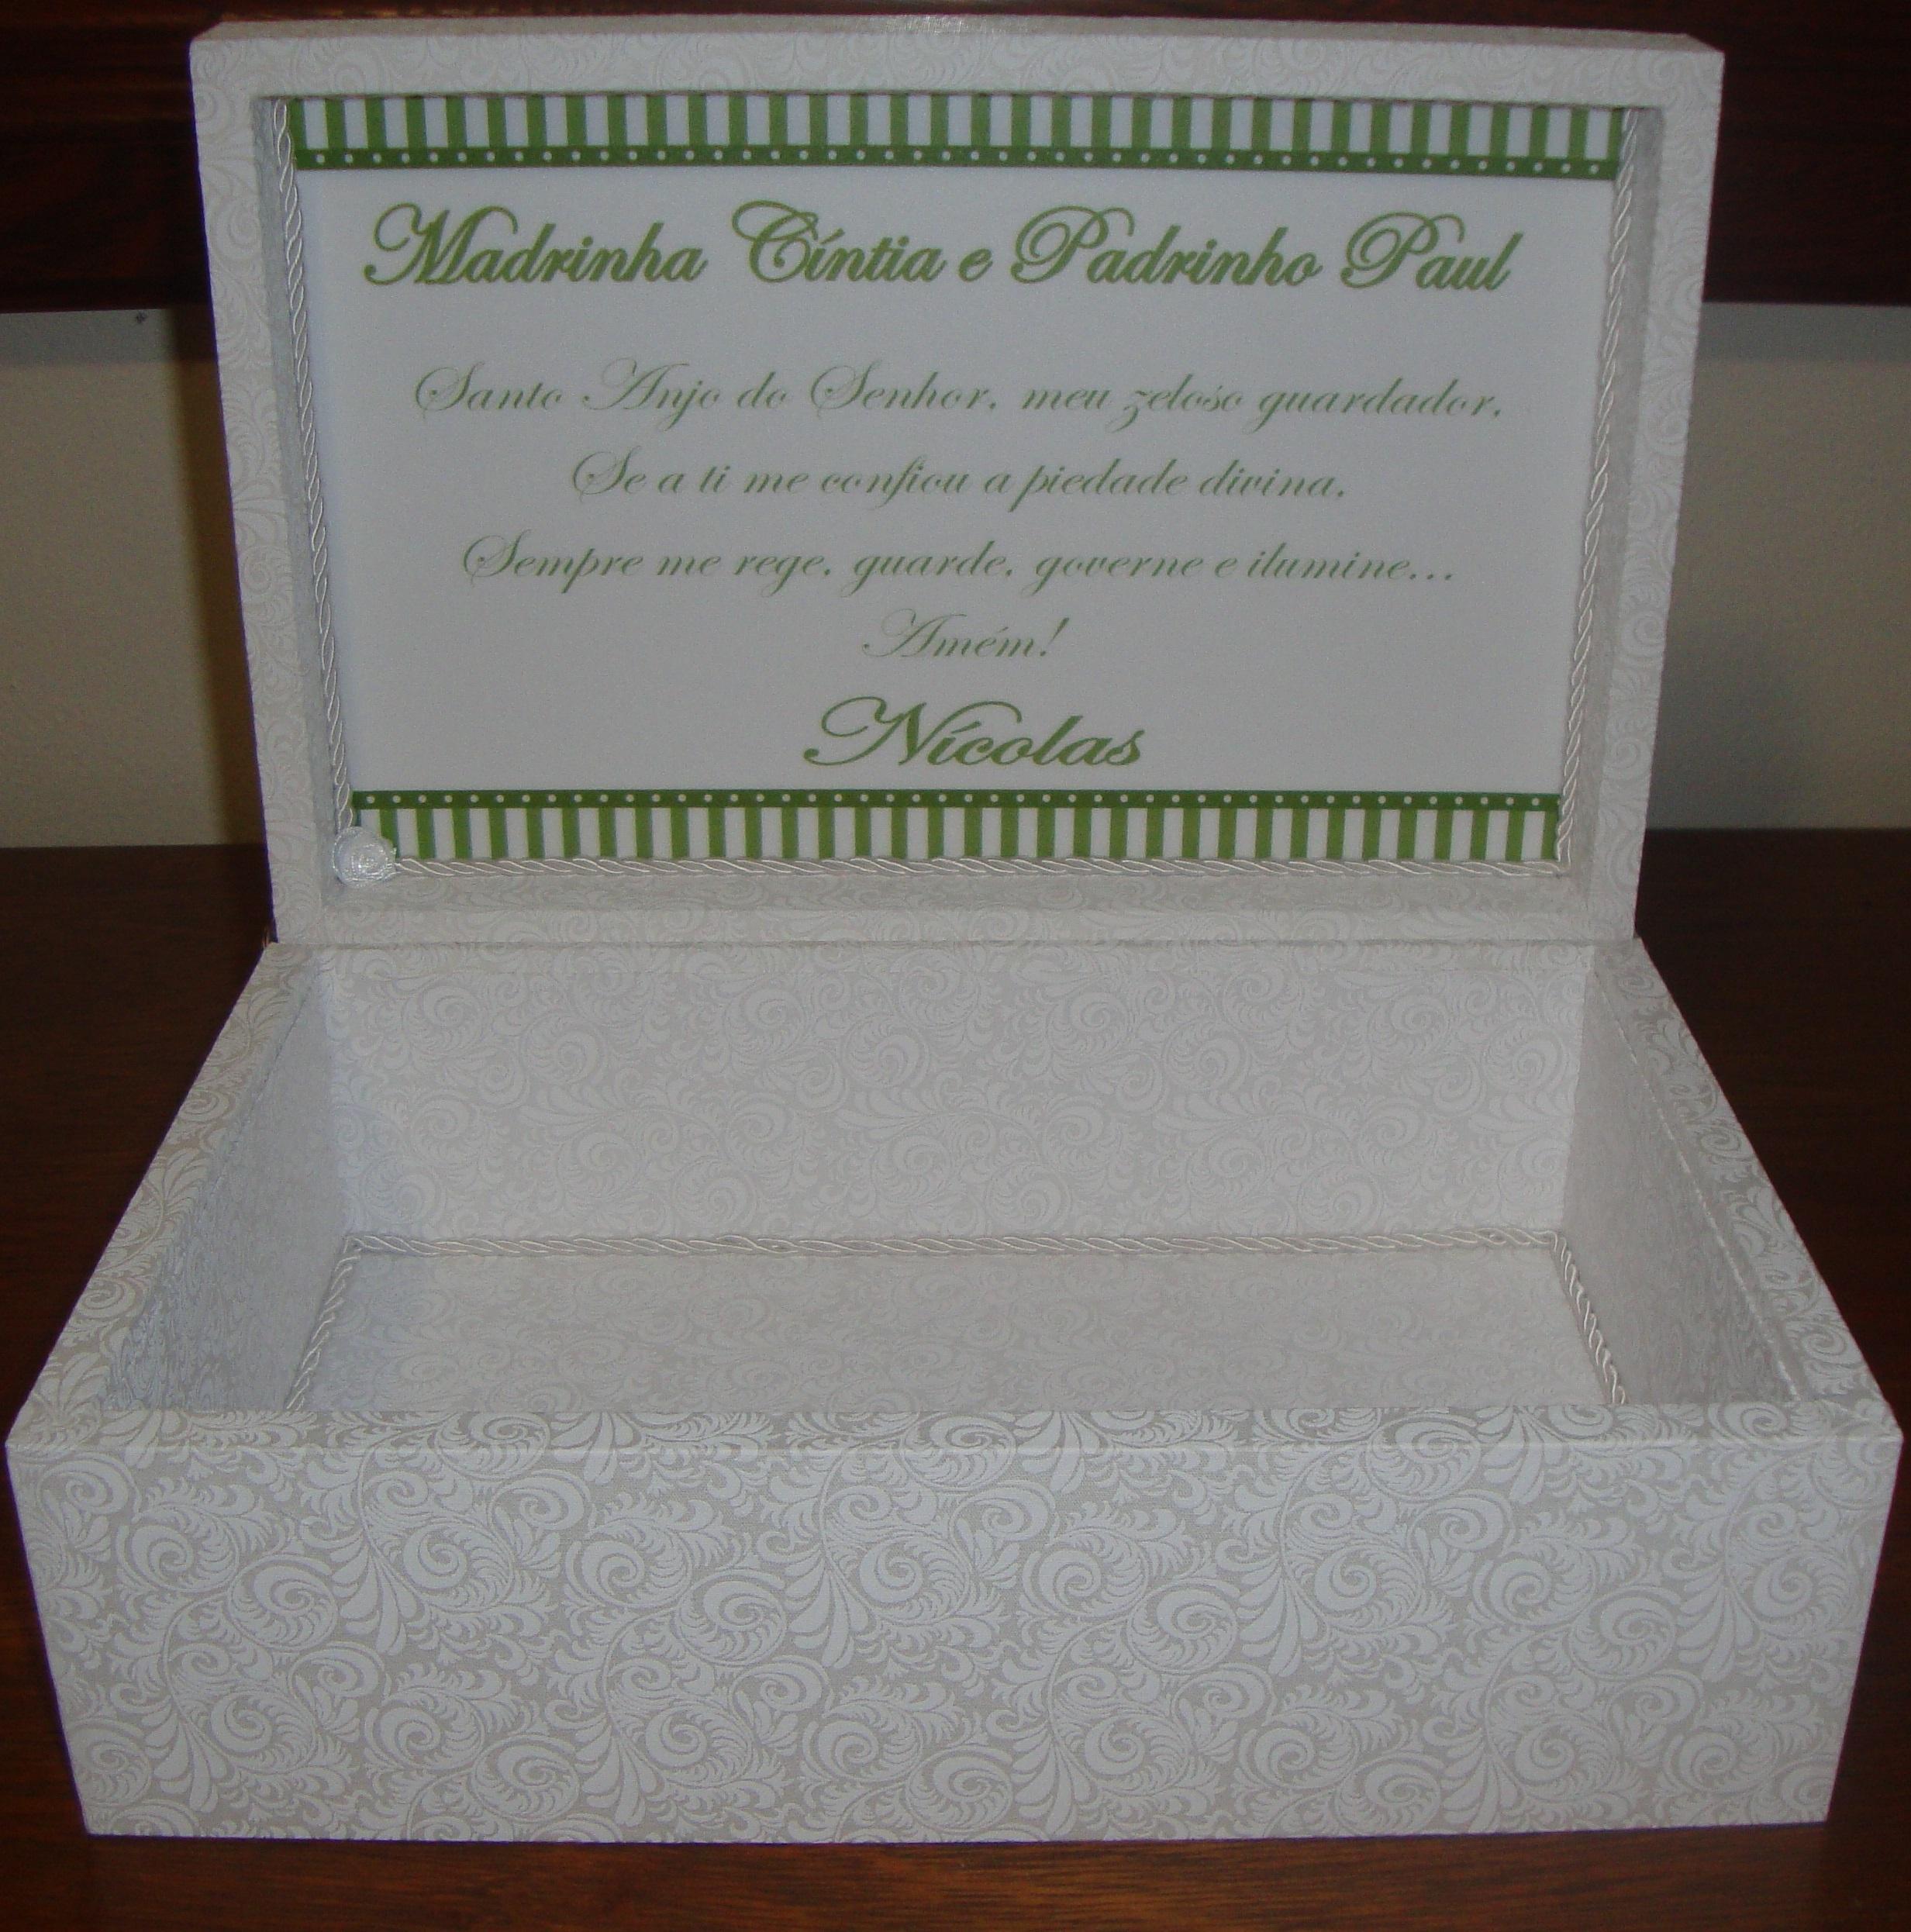 caixa em mdf para batizado caixa em mdf para batizado caixa em mdf #2F1E16 2465x2492